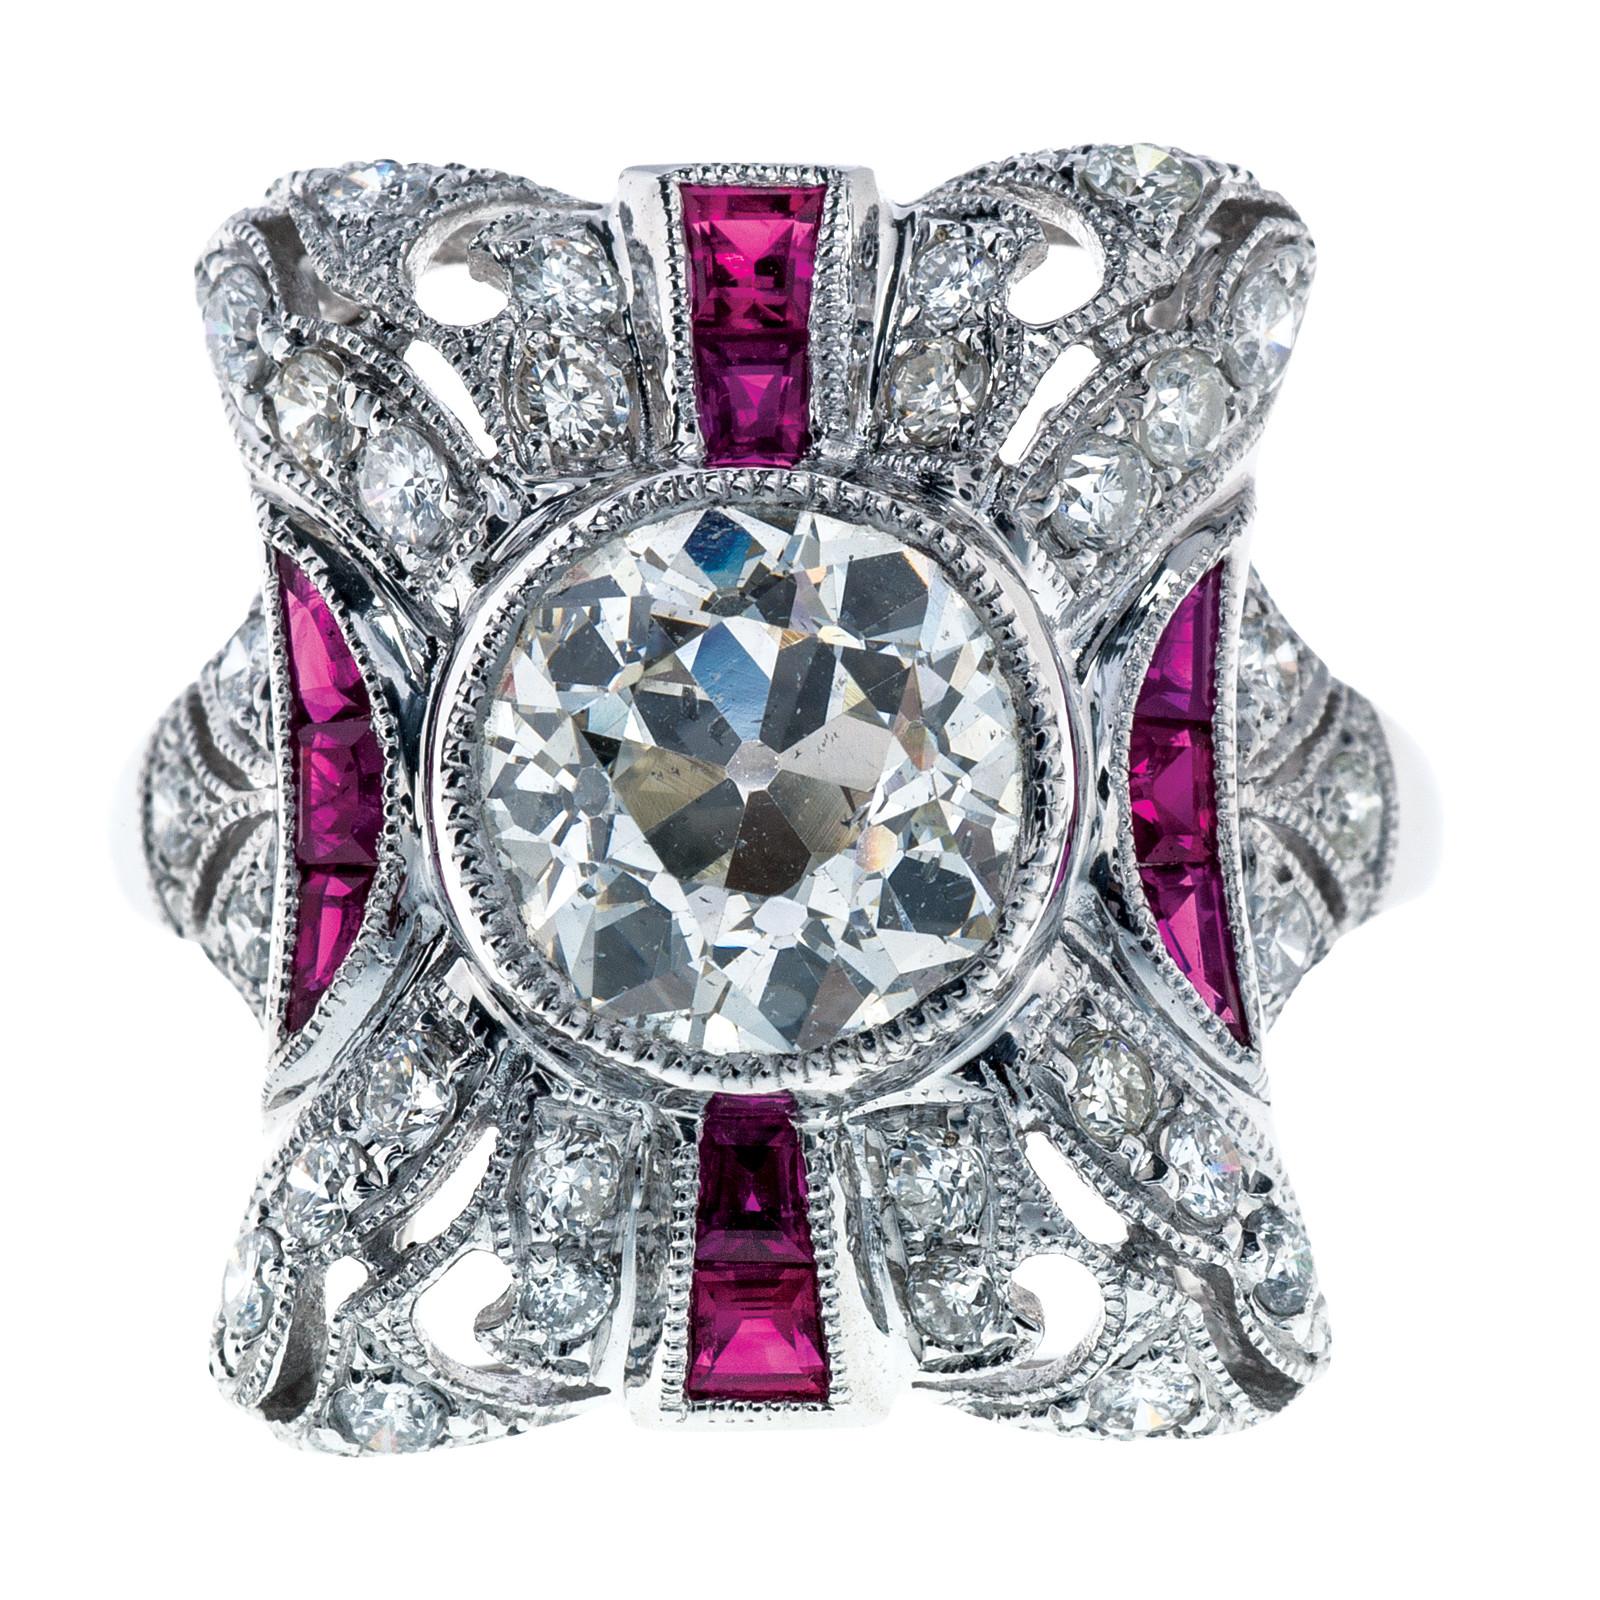 3.20 CTW Diamond & Ruby Ring